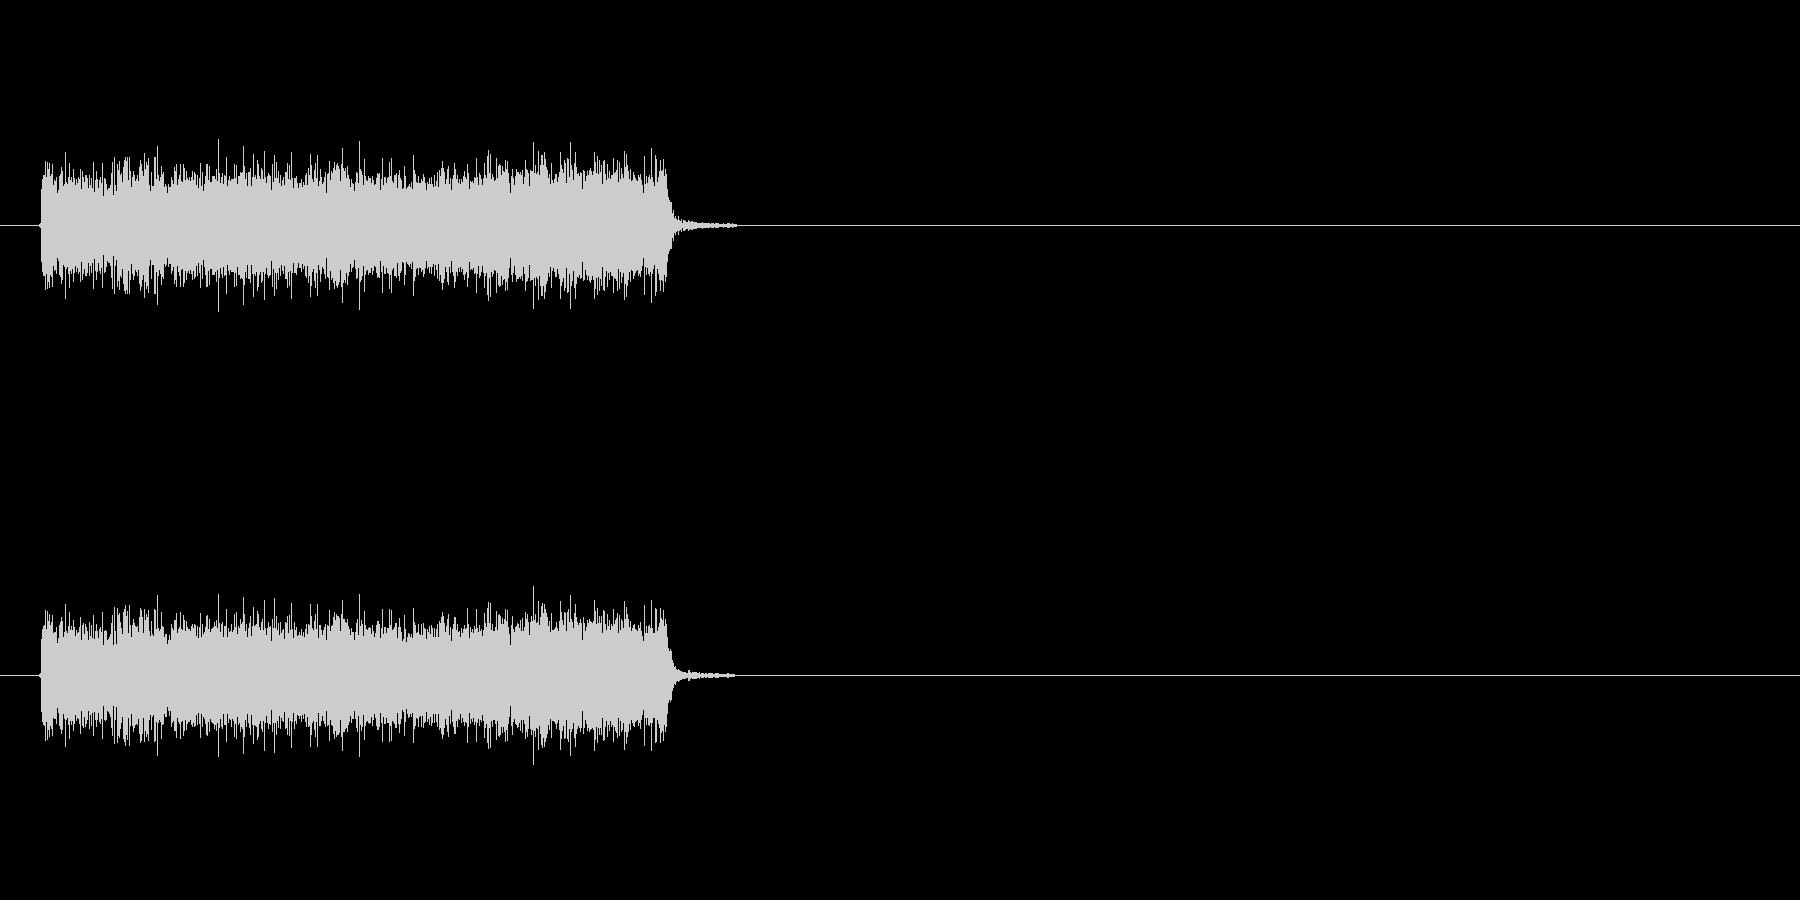 ロック曲等に使えるエレキギター効果音1の未再生の波形